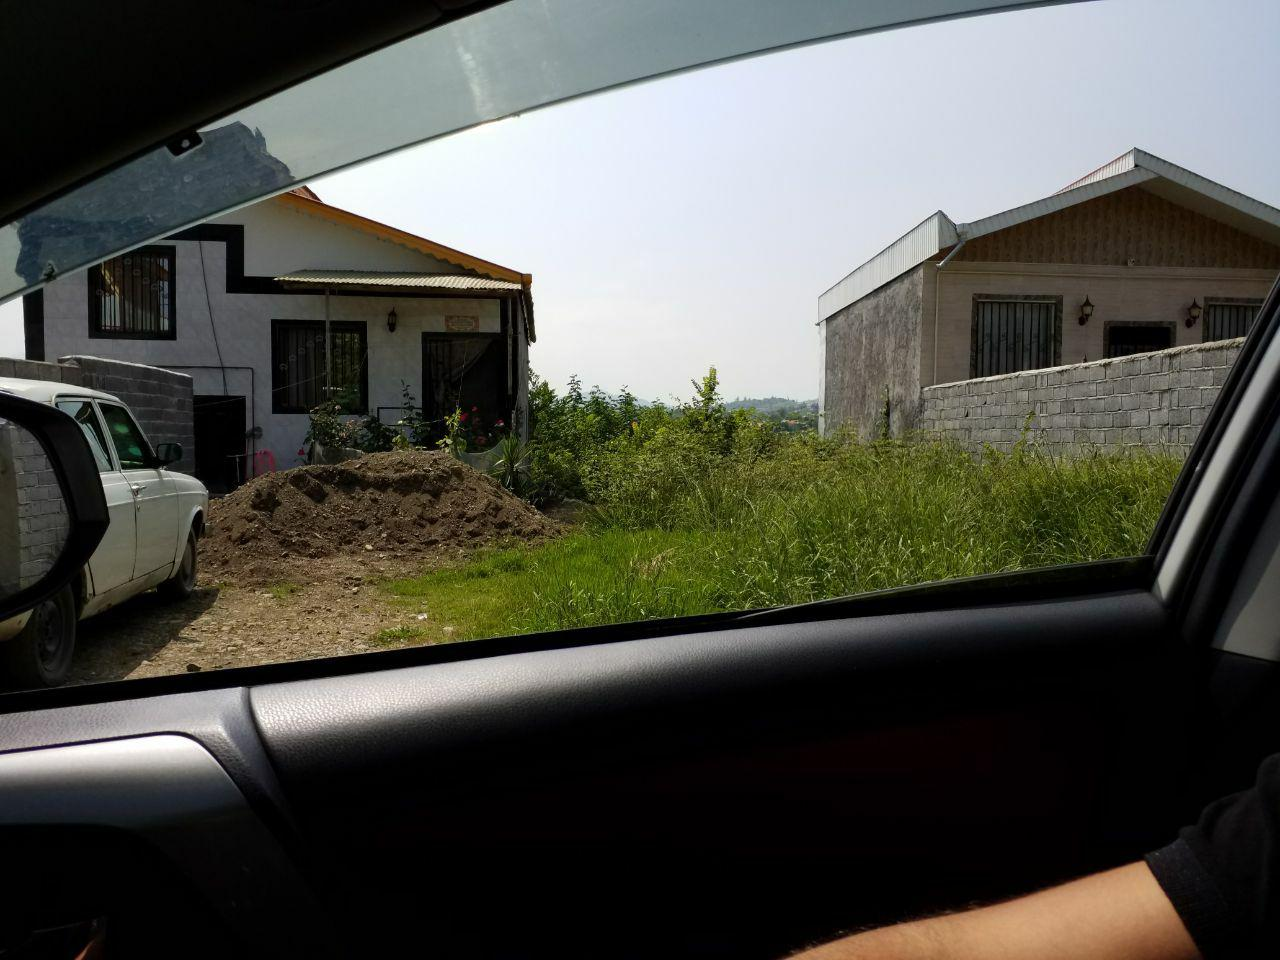 فروش زمین مسکونی طرح هادی در بیجارپس لنگرود